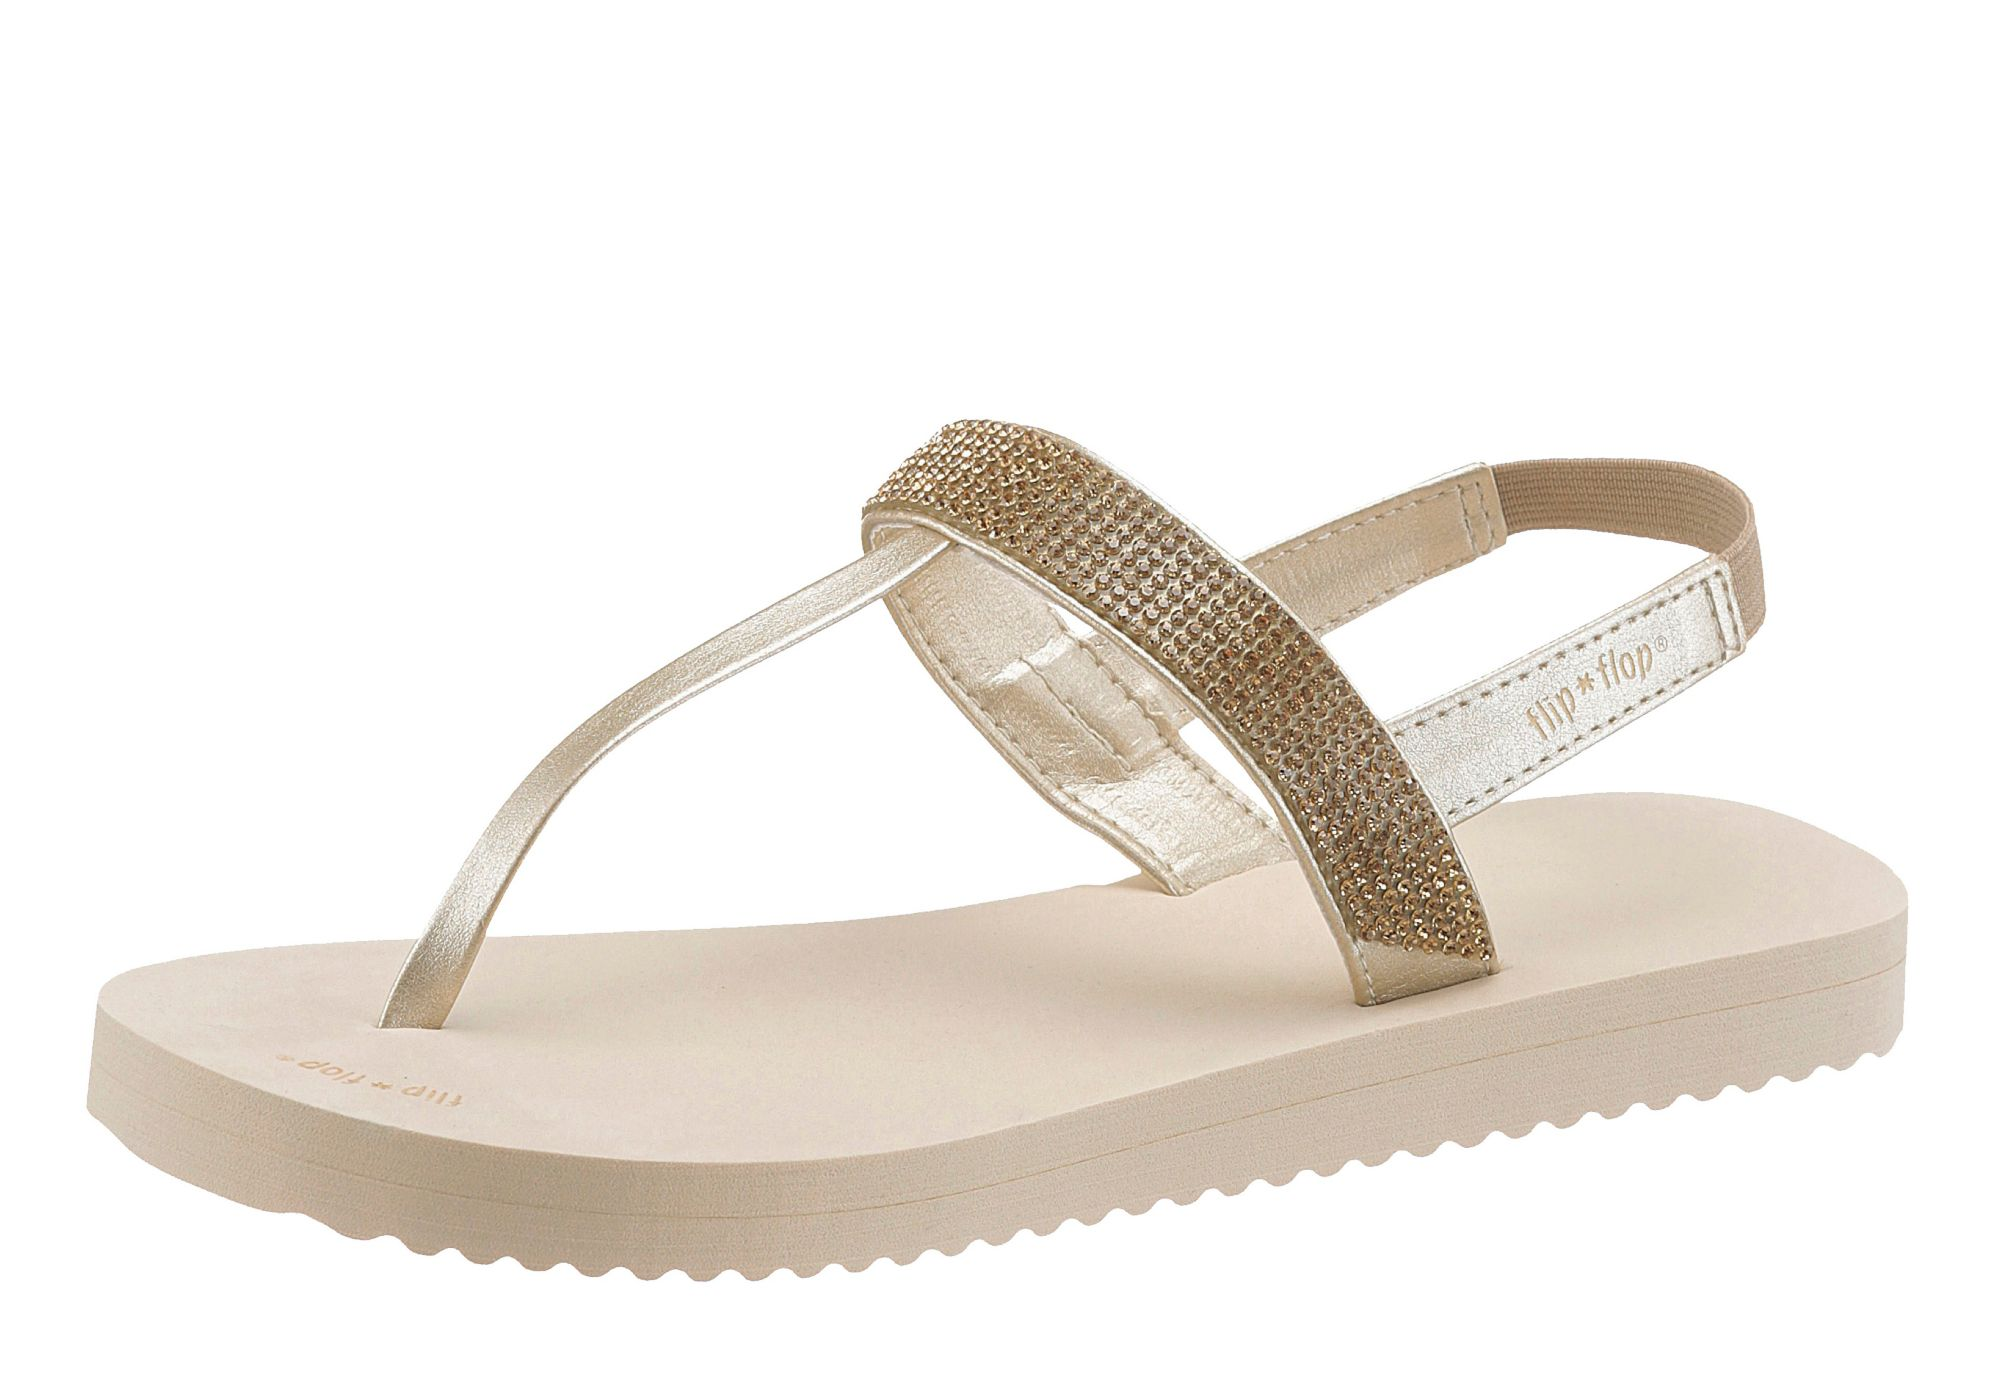 FLIPFLOP Flip Flop Sandale